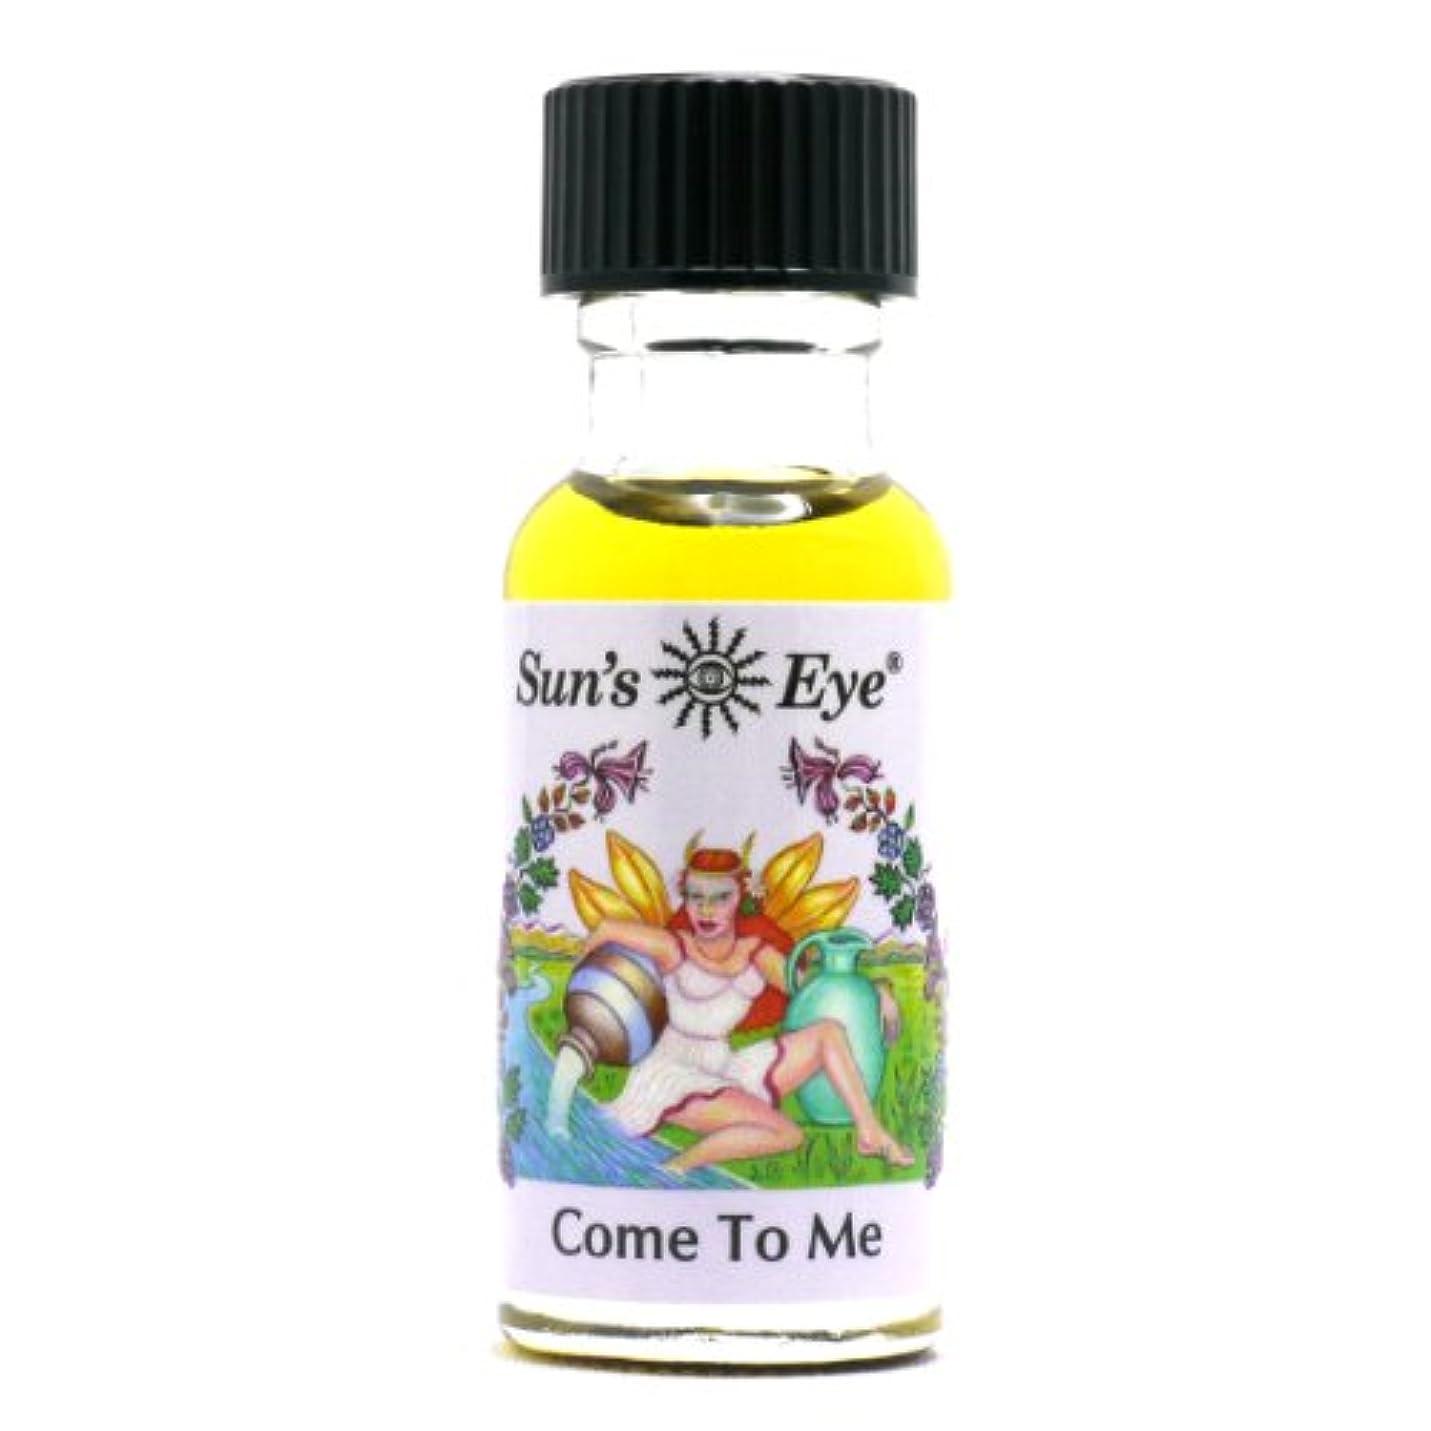 グレー性差別予想外【Sun'sEye サンズアイ】Mystic Blends(ミスティックブレンドオイル)Come to me(カムトゥミー)